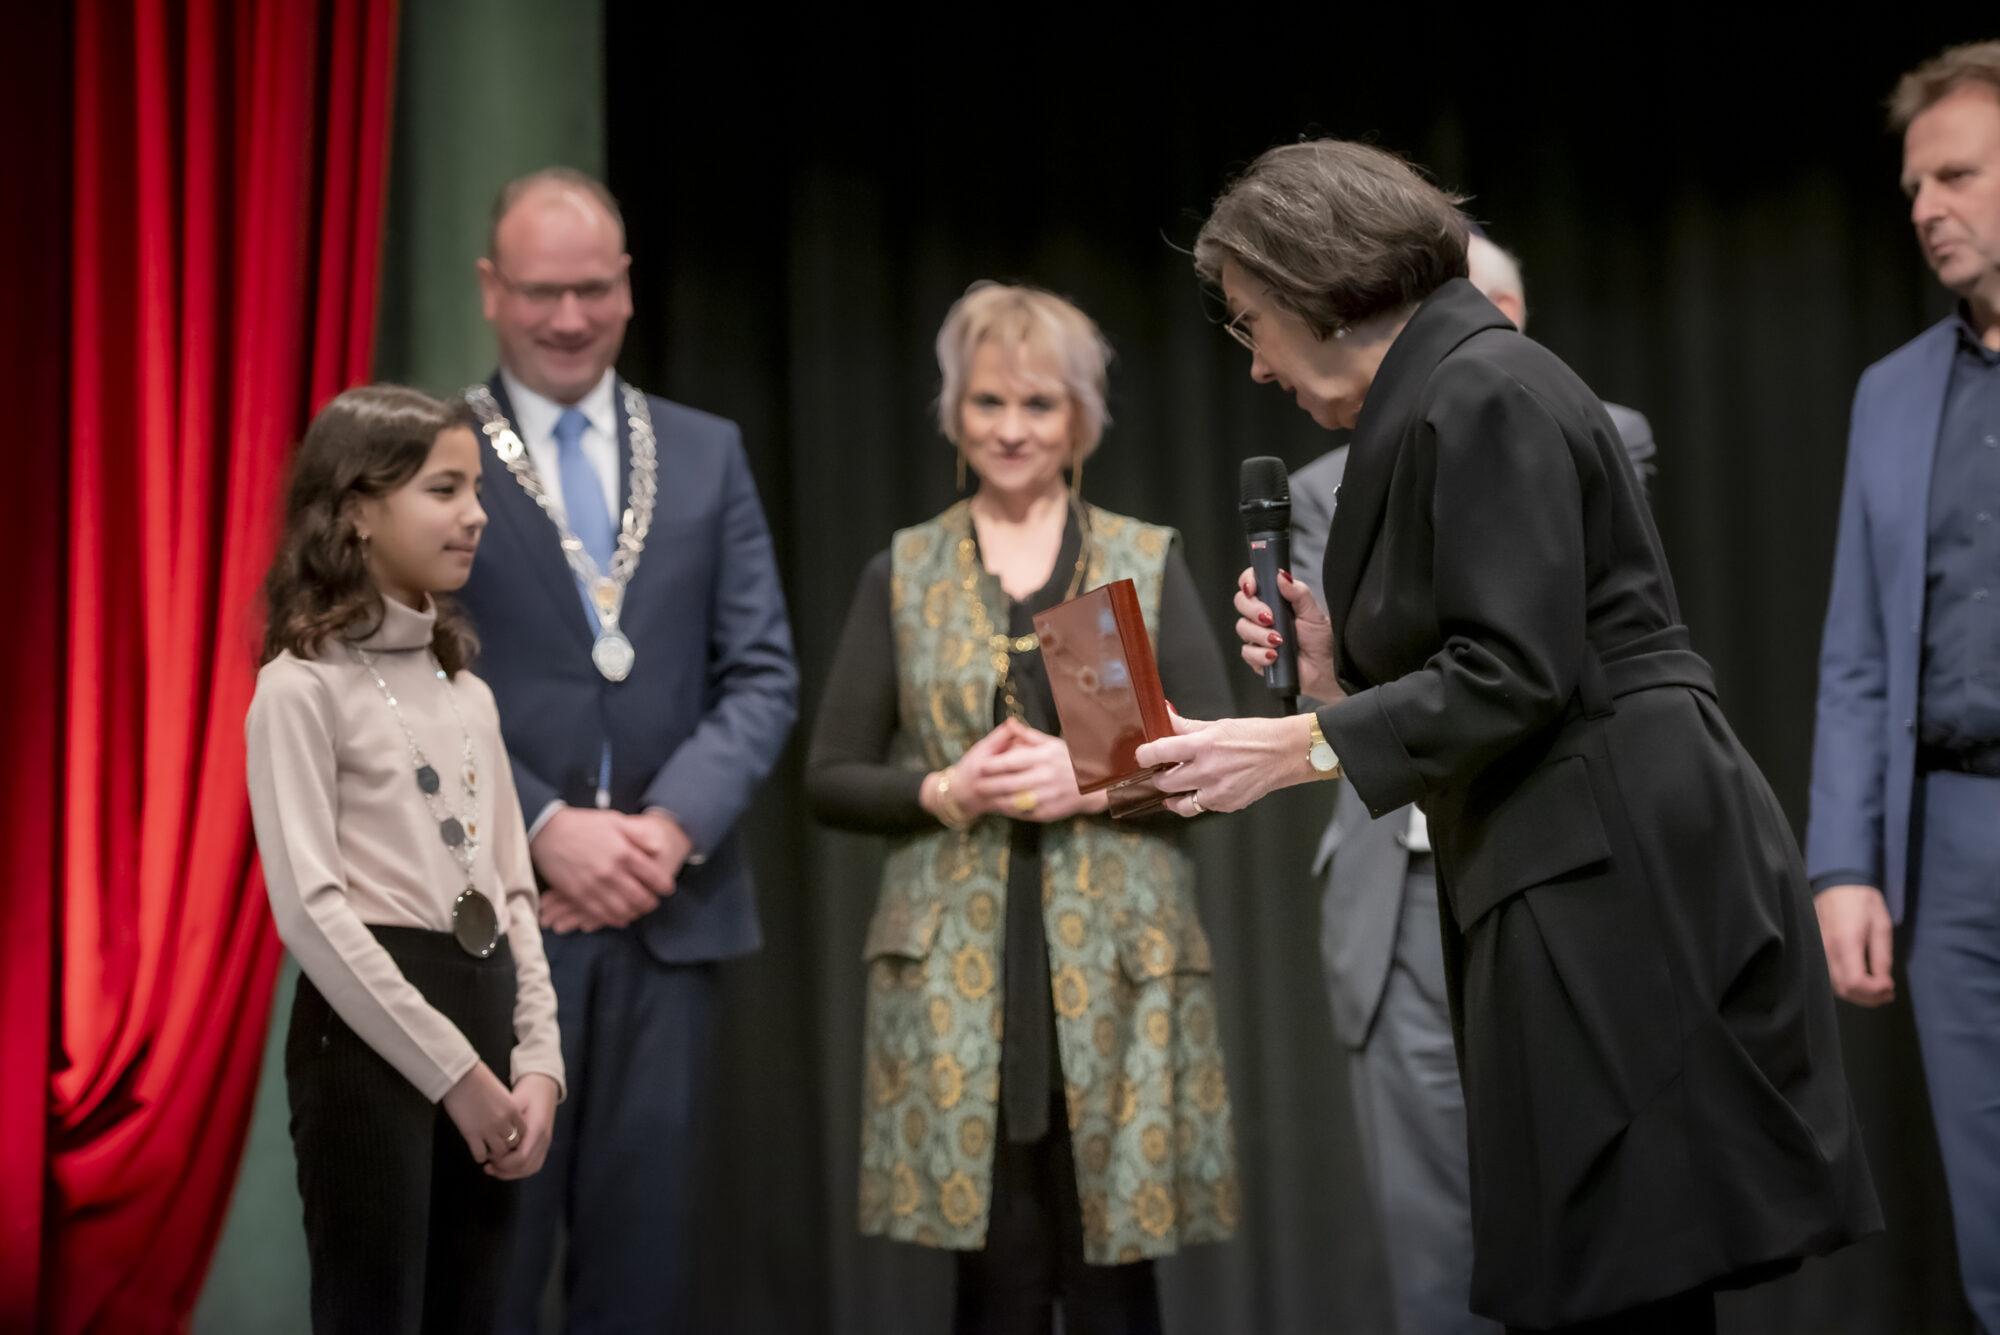 Verkiezing nieuwe kinderburgemeester Apeldoorn